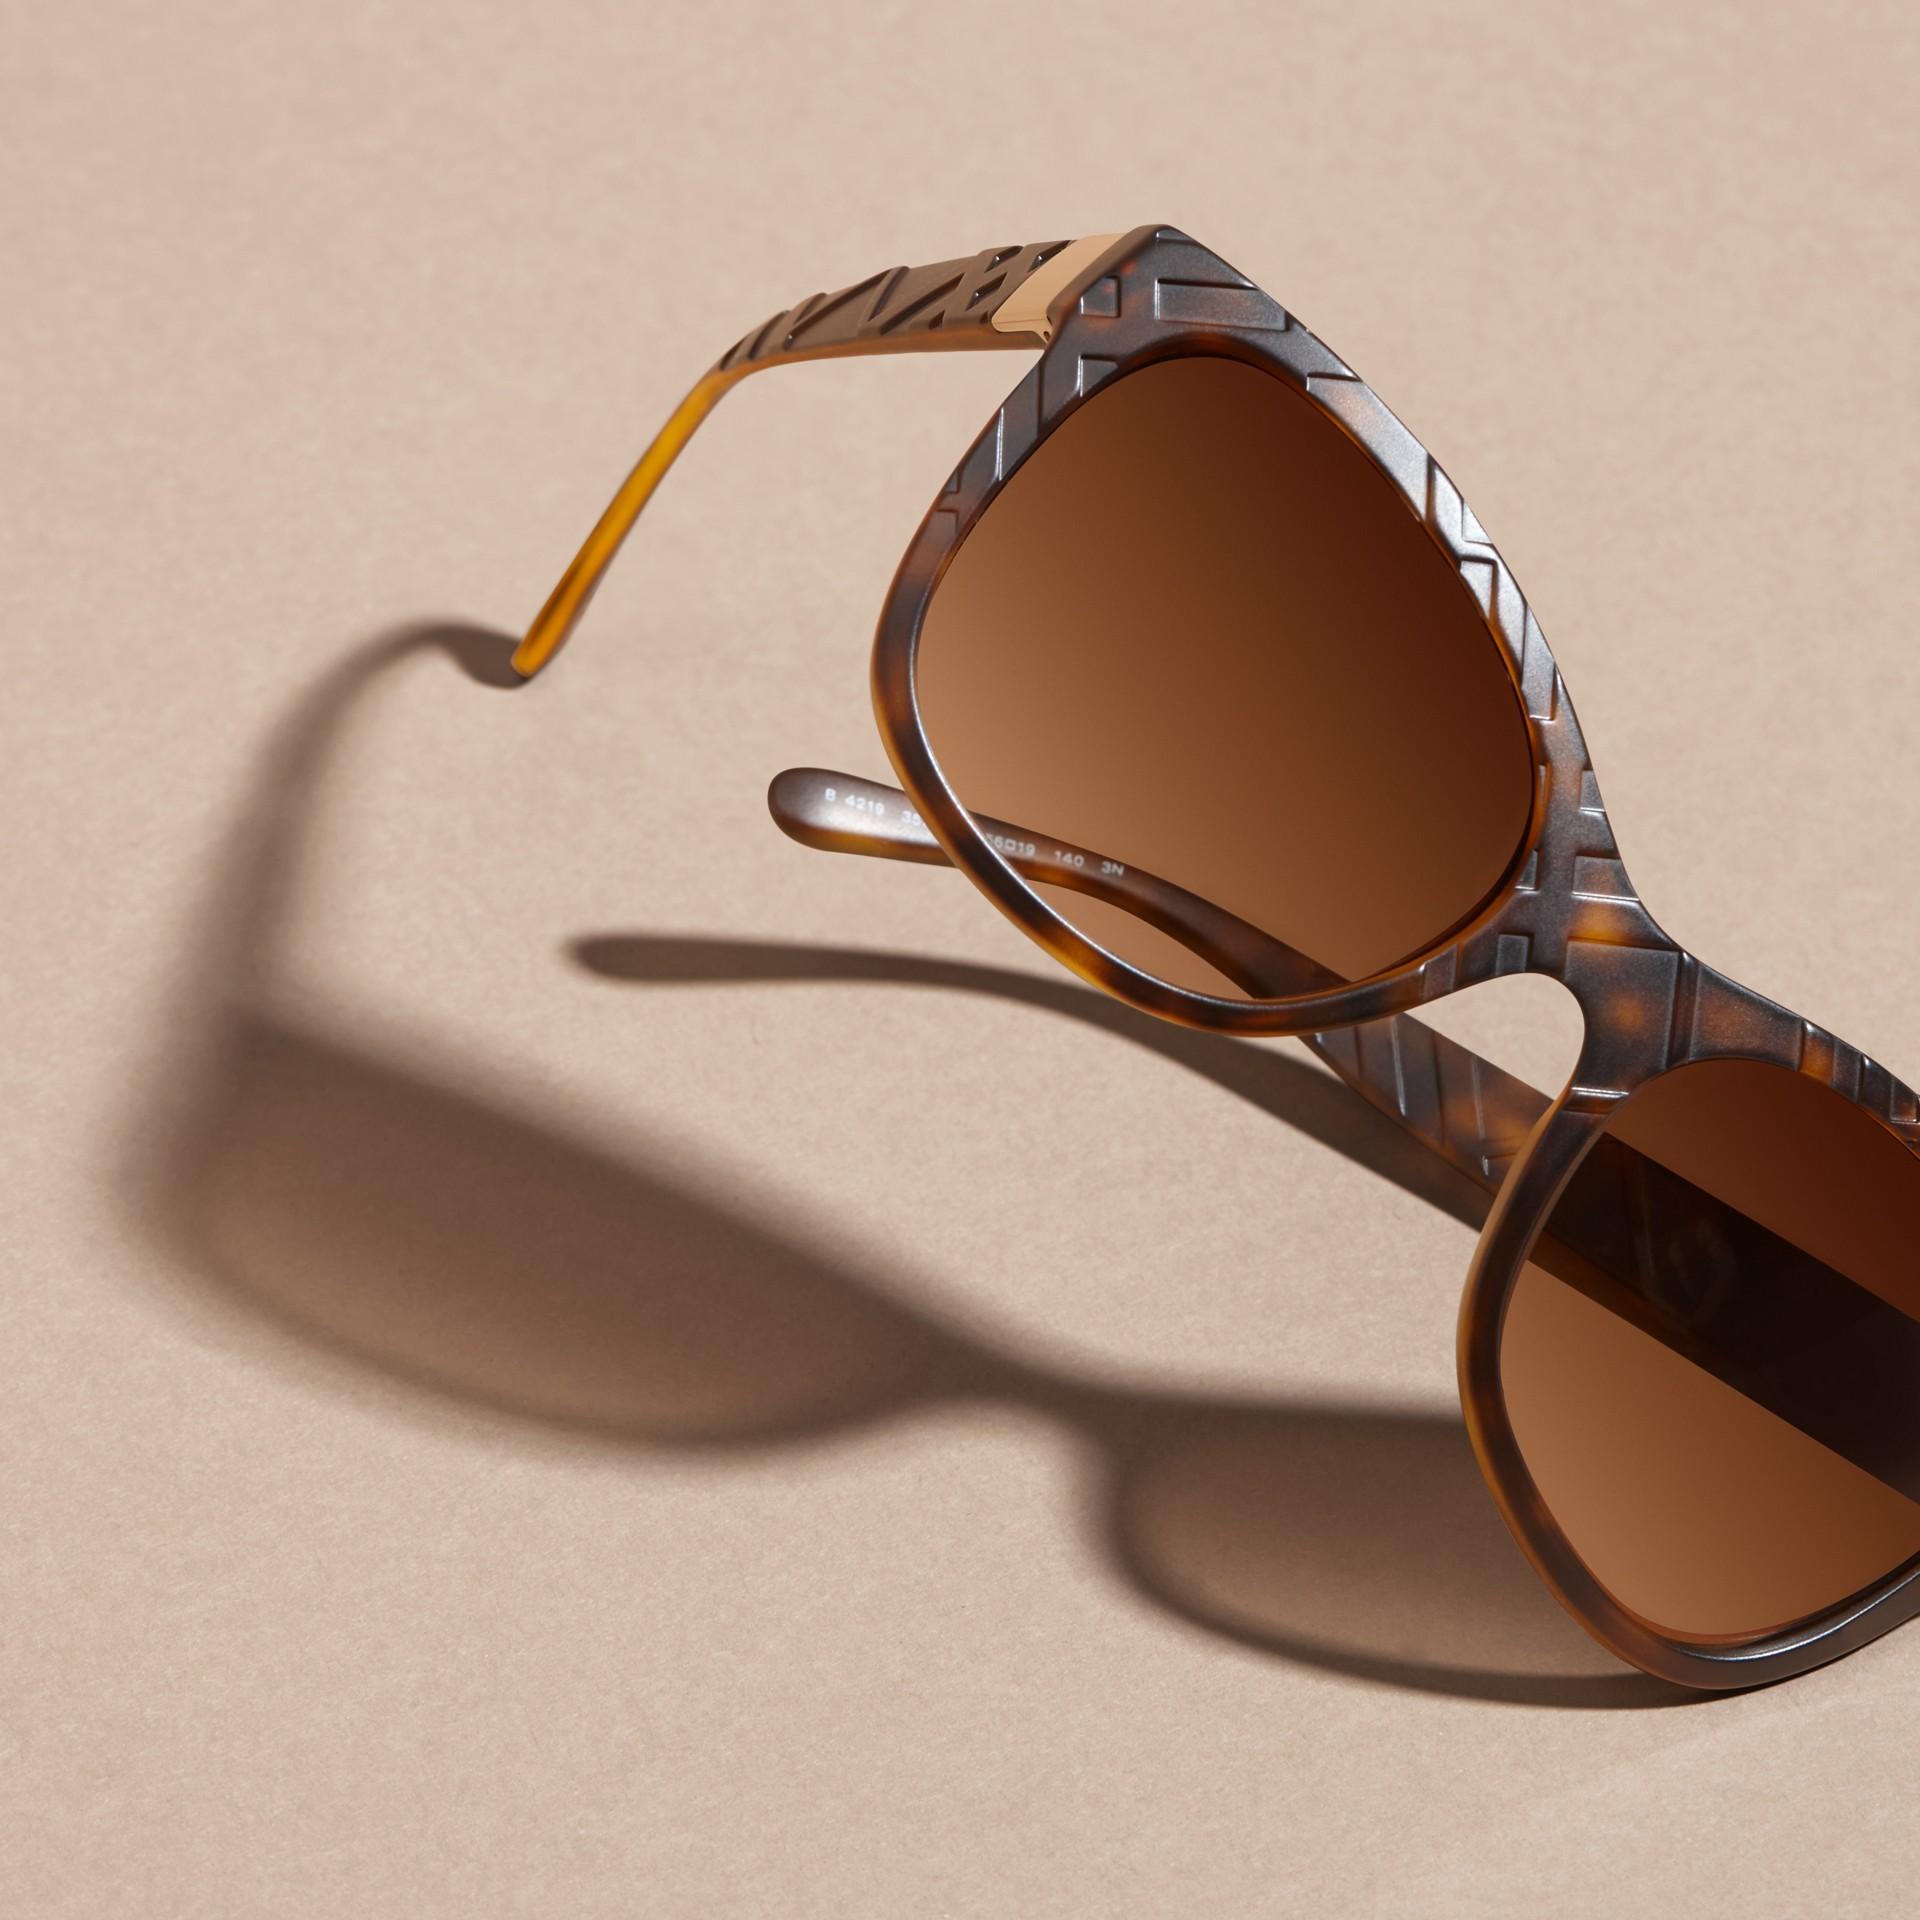 Tortoise shell 3D Check Square Frame Sunglasses Tortoise Shell - gallery image 5